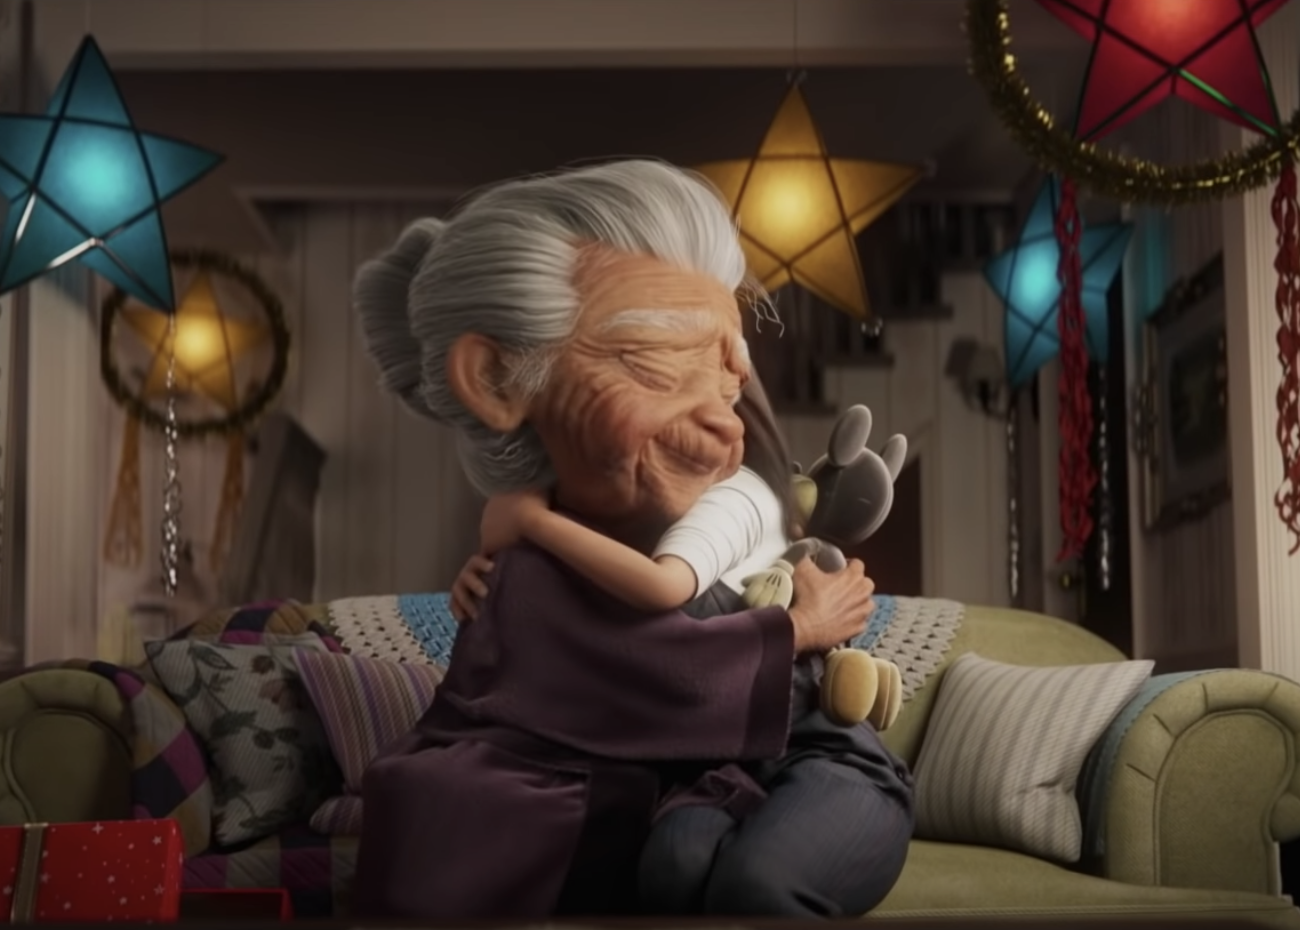 Grandma and her granddaughter hugging